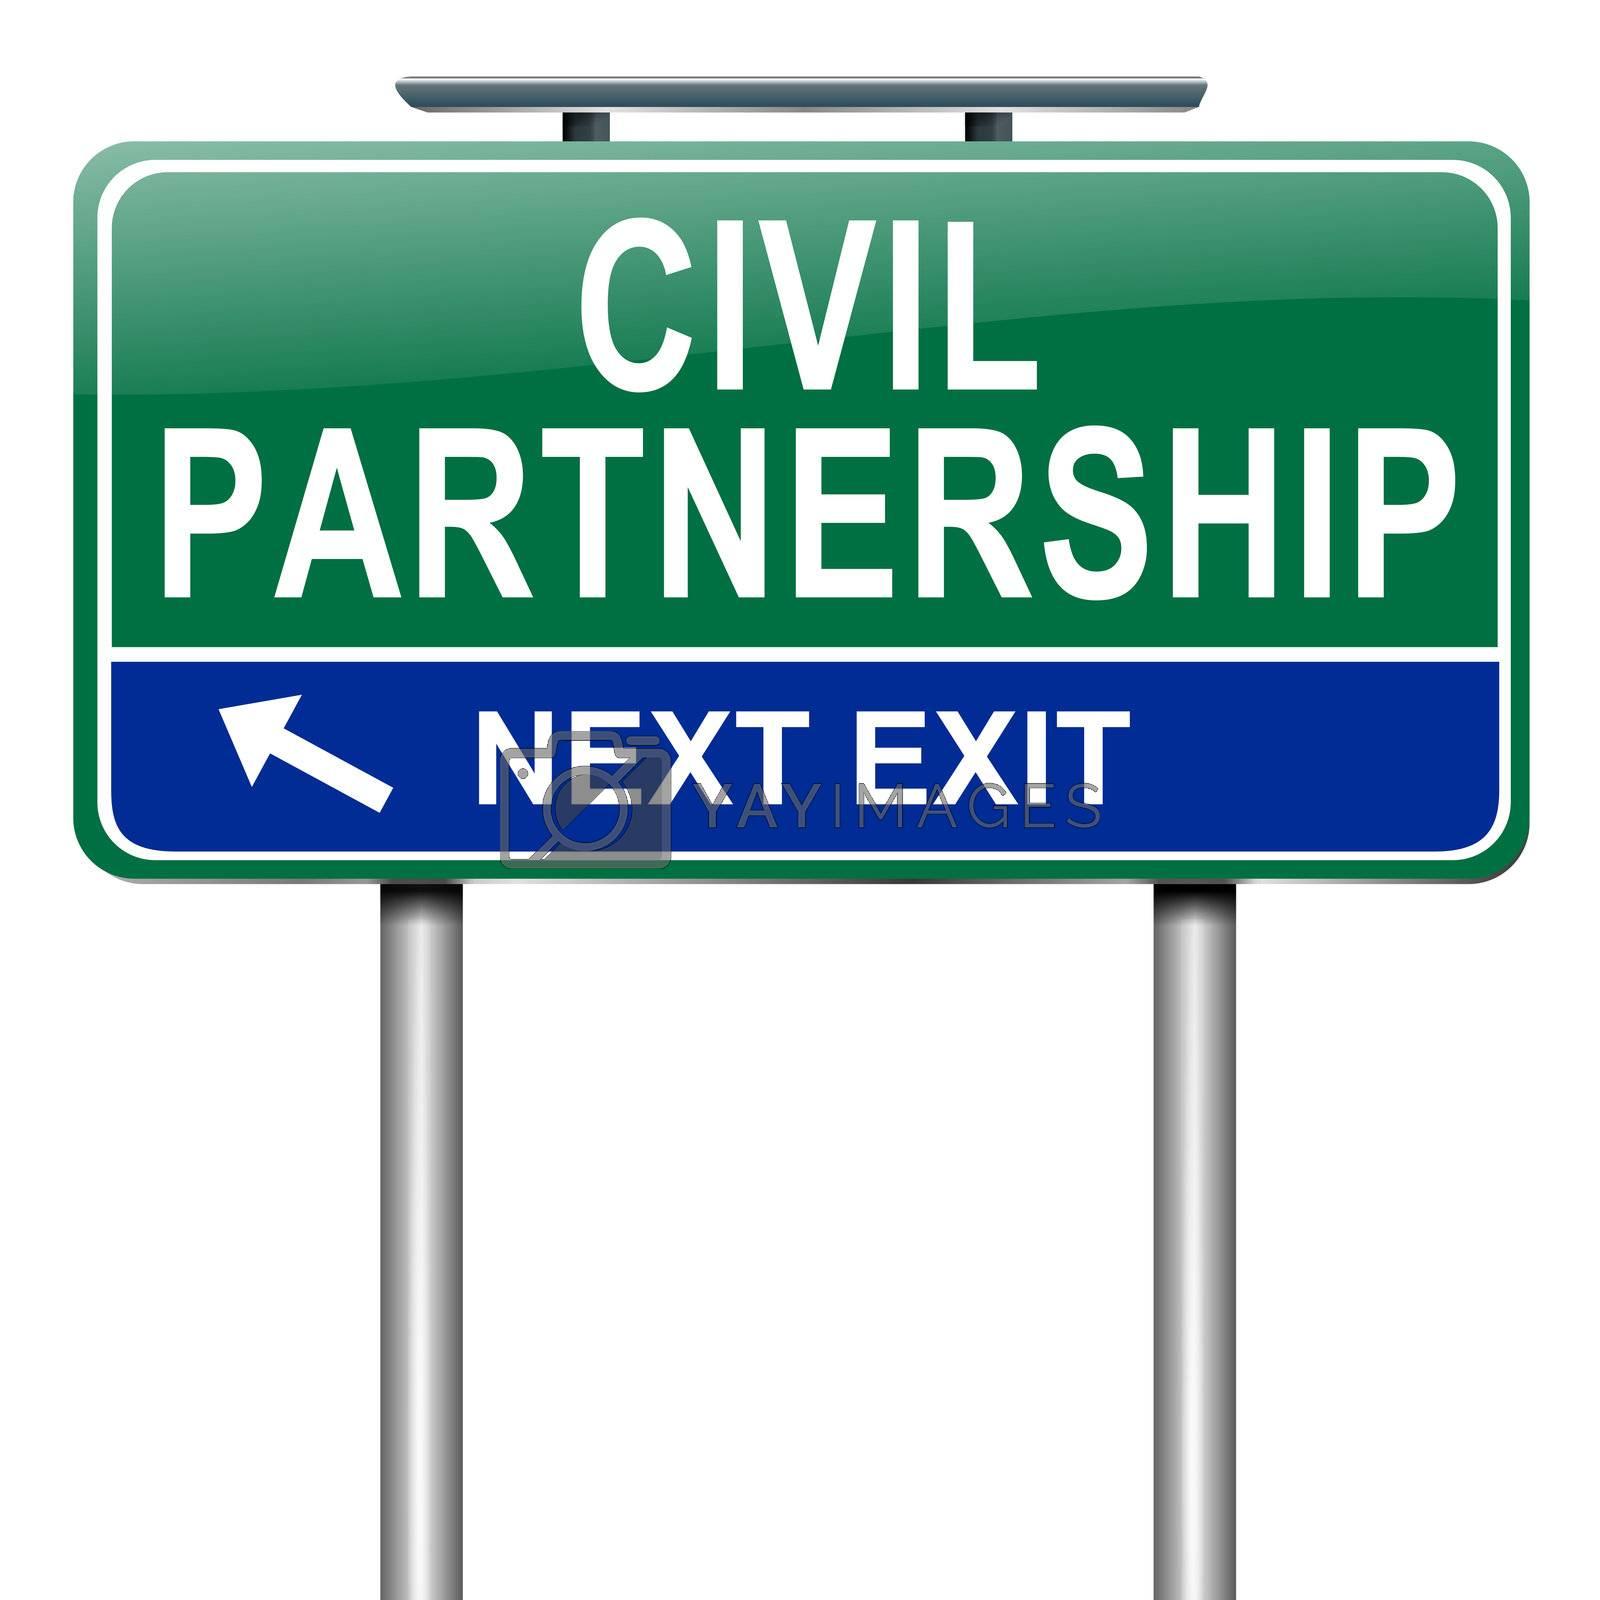 Civil Partnership concept. by 72soul